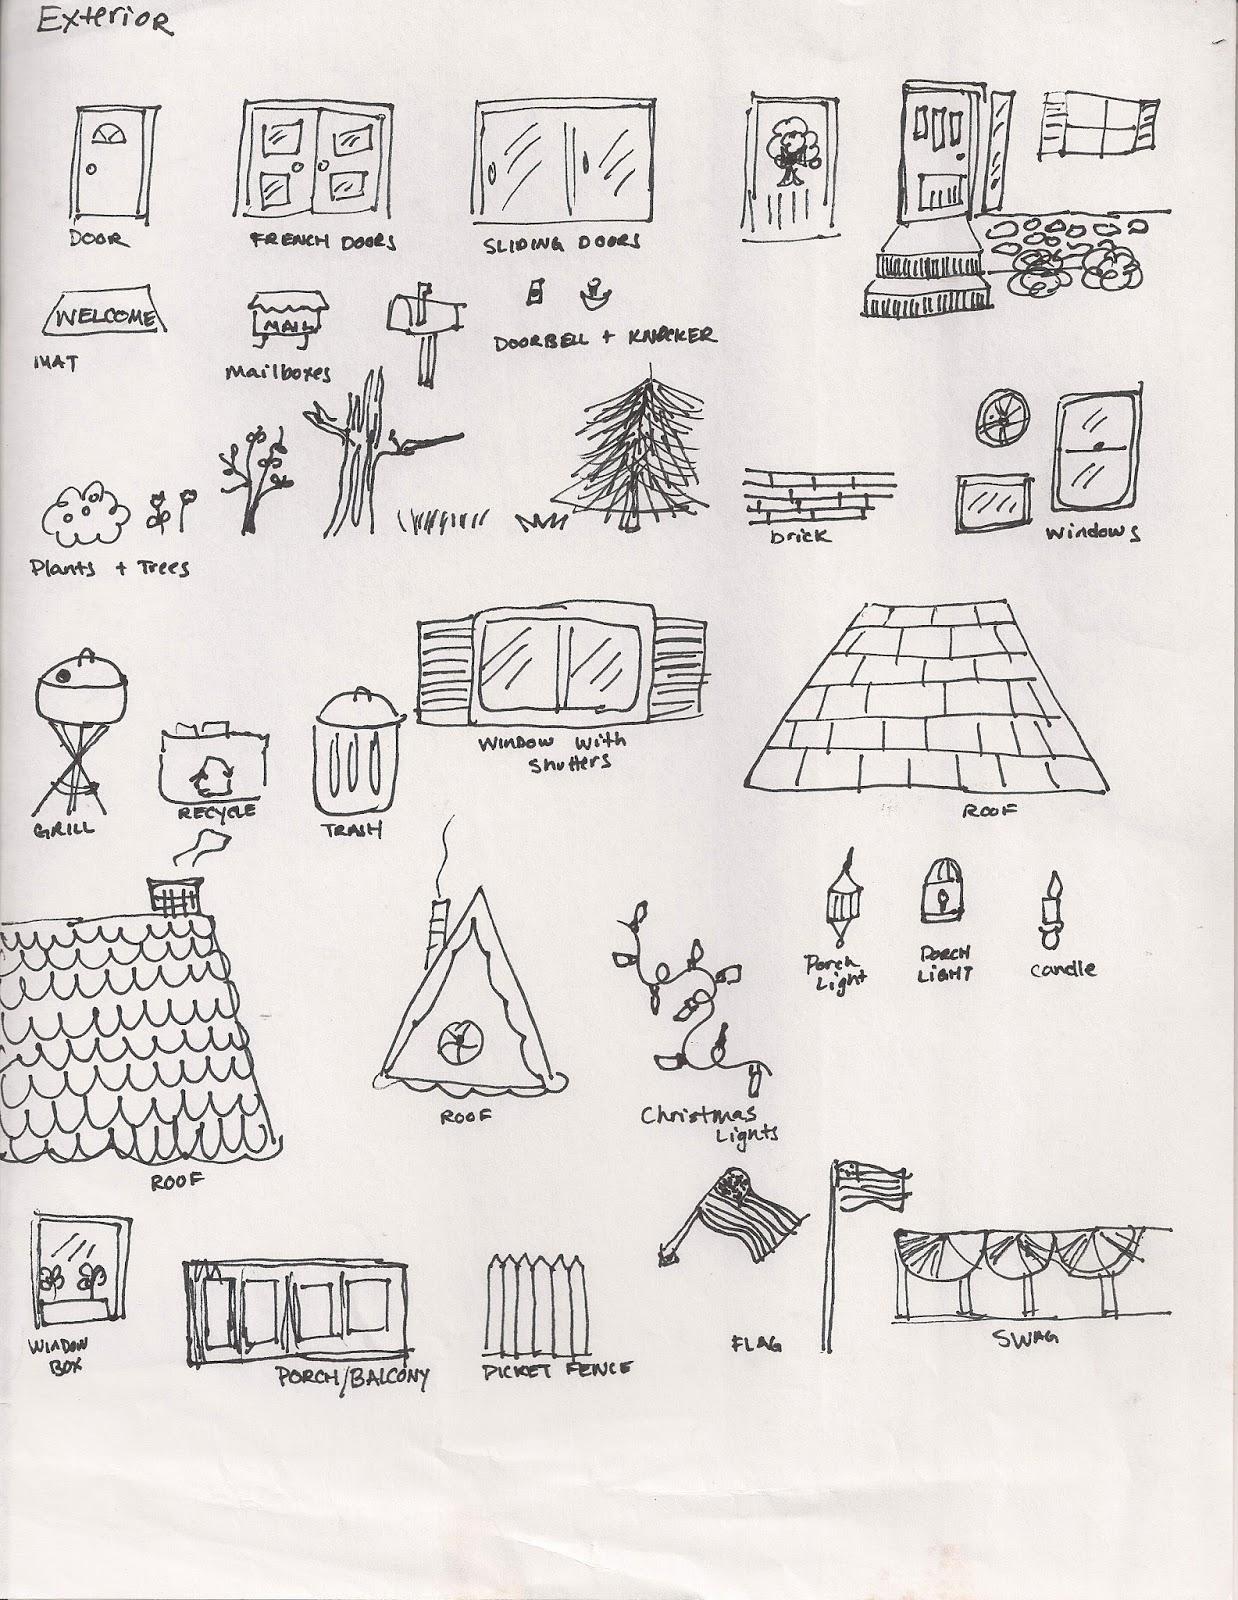 No Corner Suns Exterior Of A House Brainstorming Handout